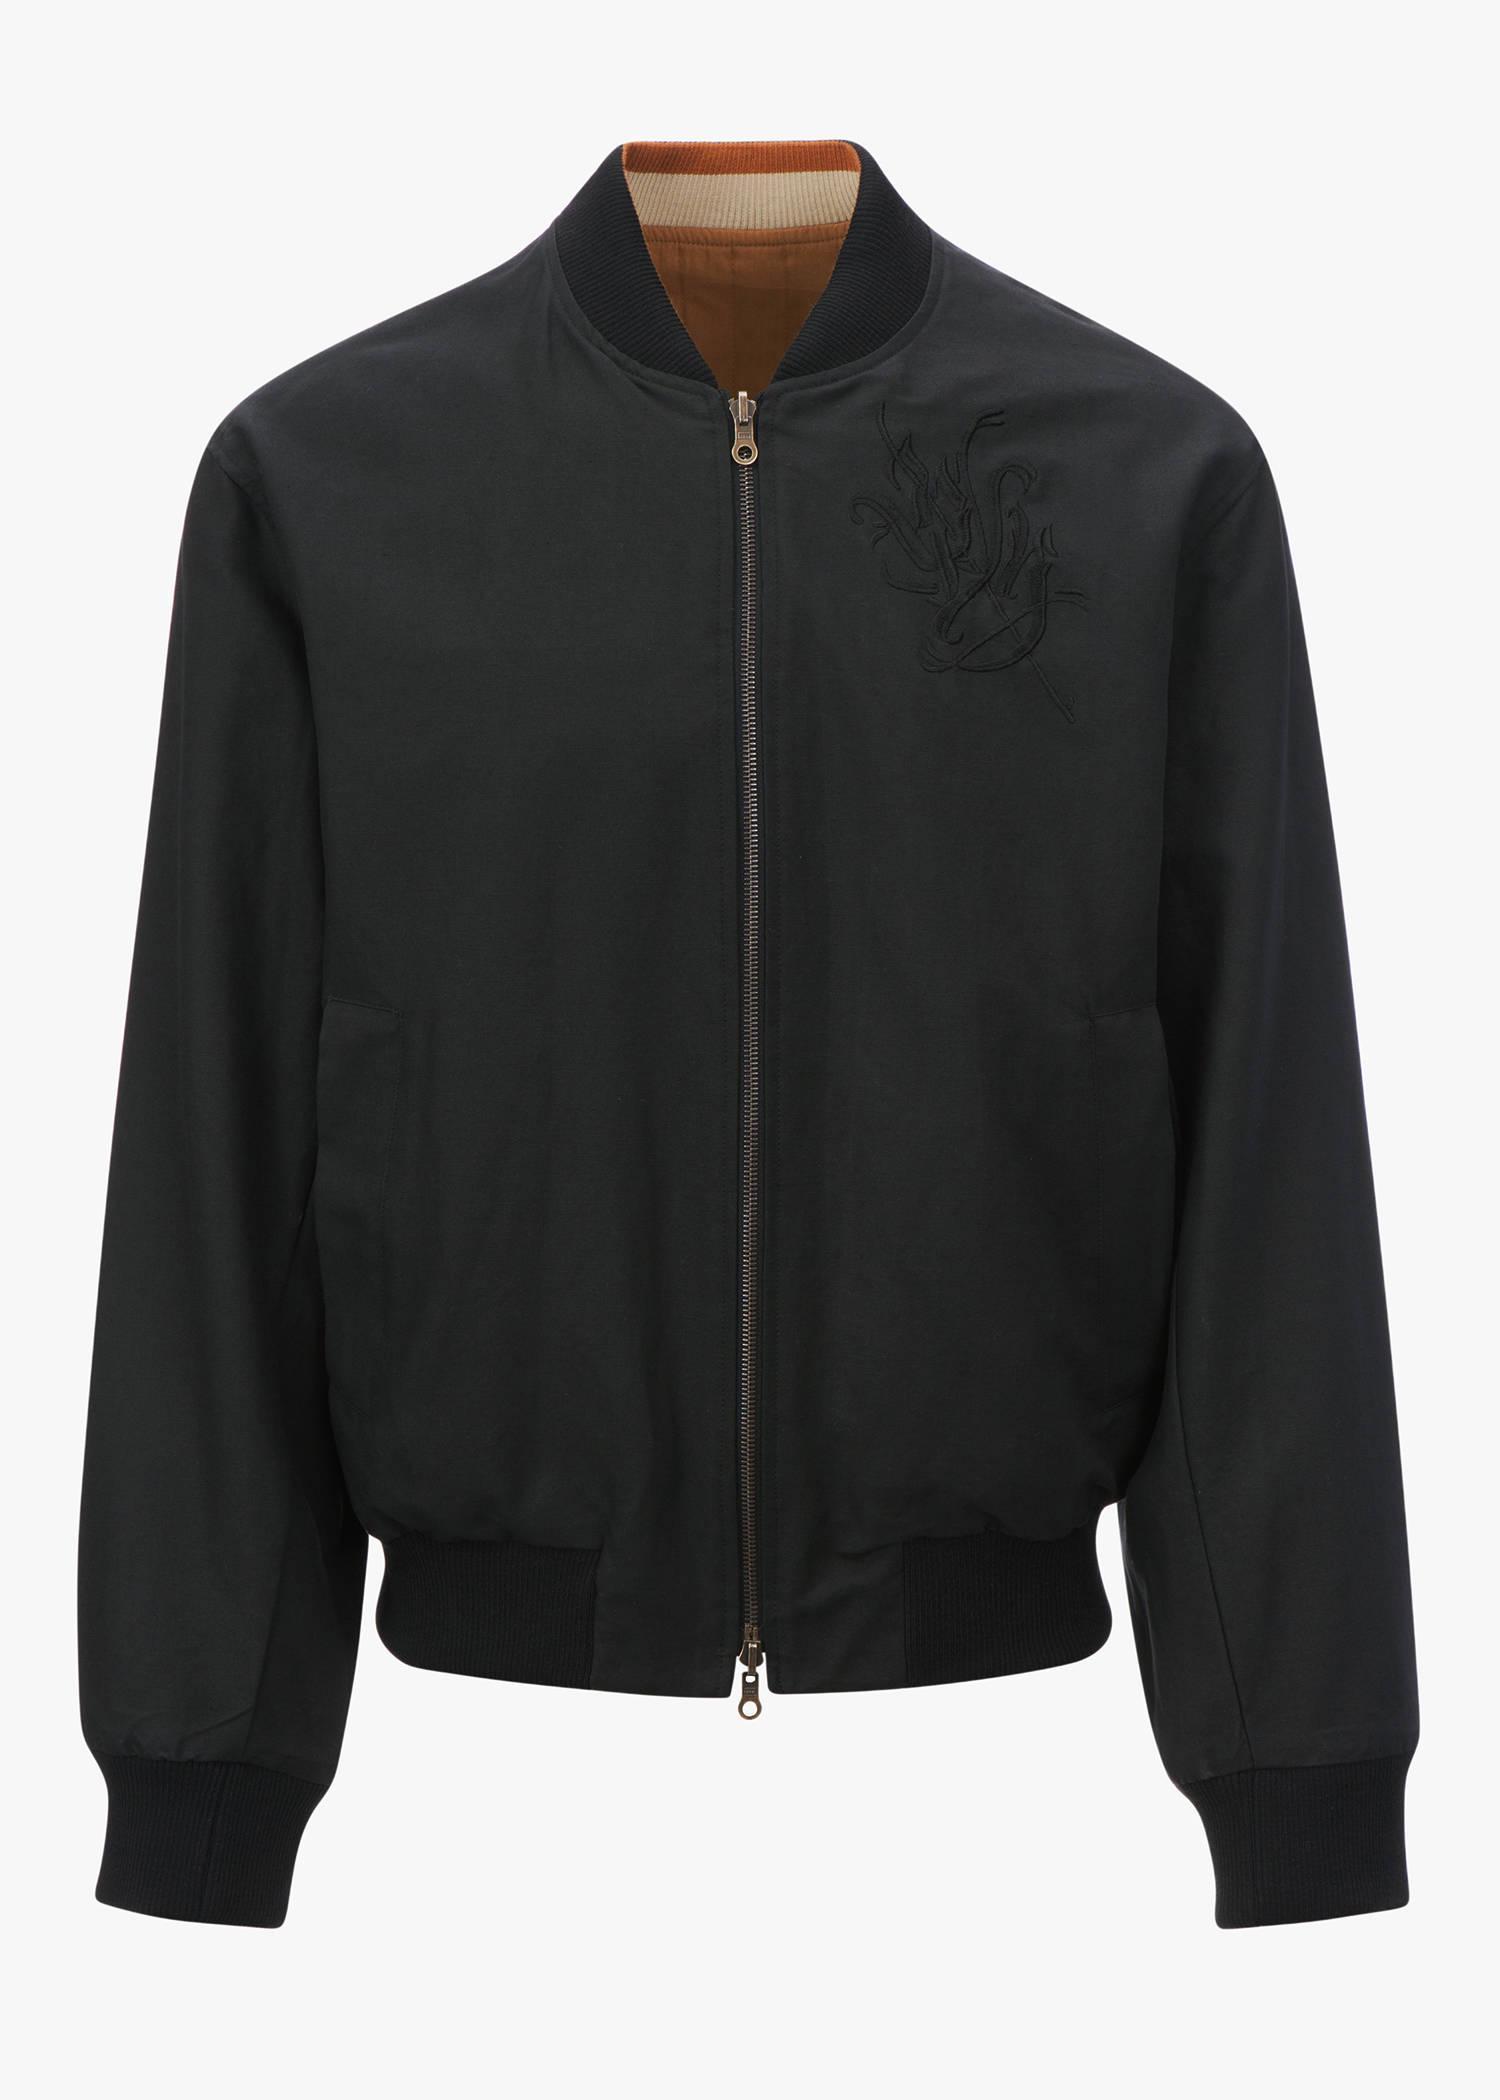 Dries Van Noten Volker Multicolor Reversible Jacket In Black